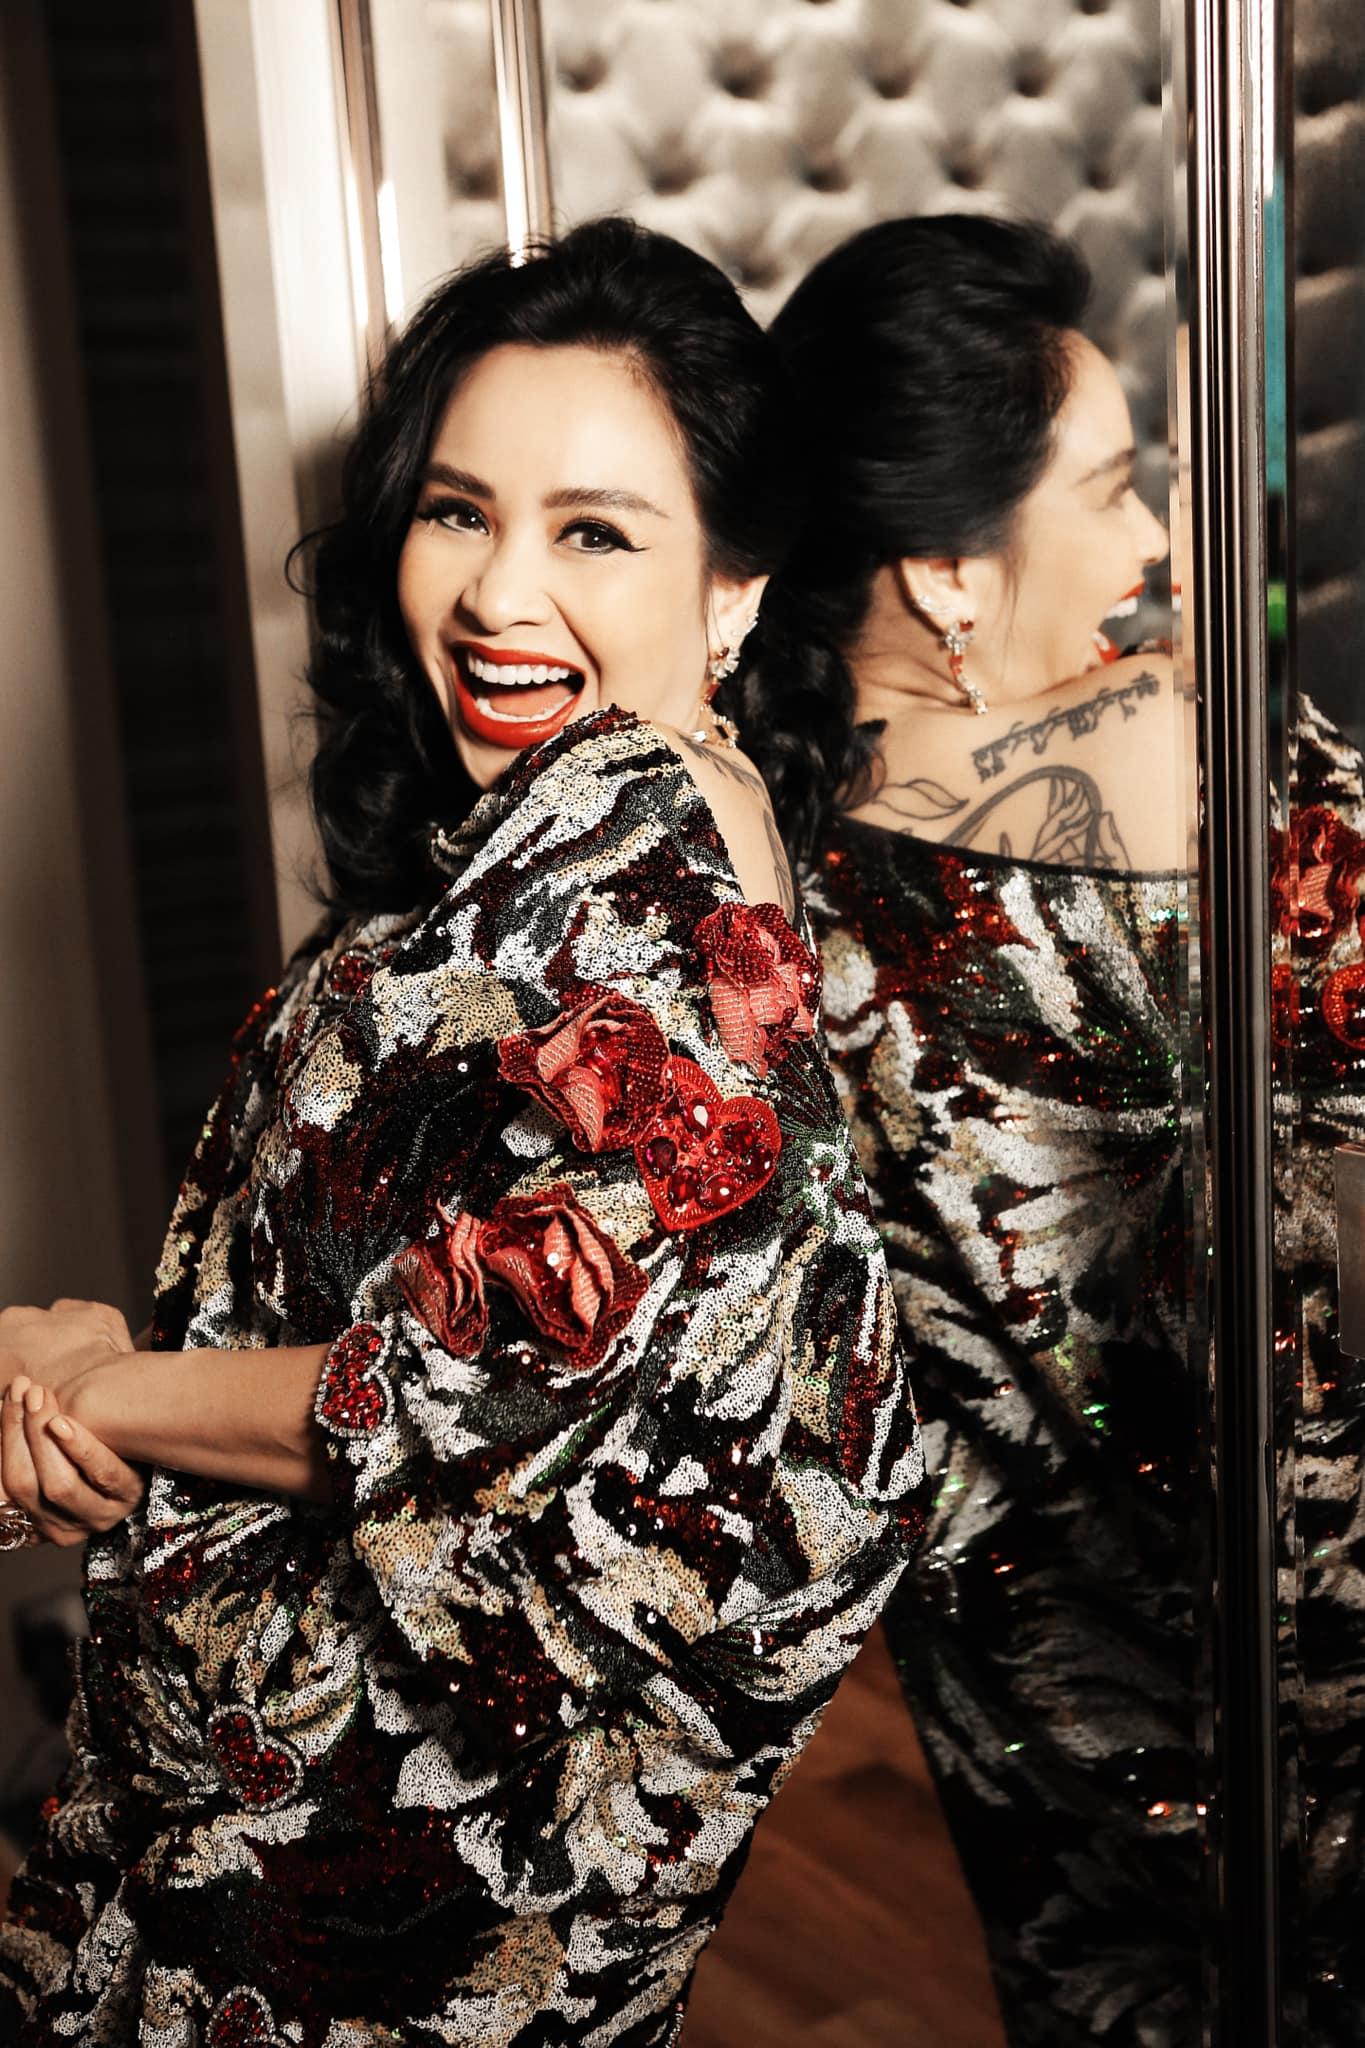 Diva Thanh Lam yêu bác sĩ ở tuổi 51, trẻ đẹp khó ngờ nhờ say trong men tình - 1